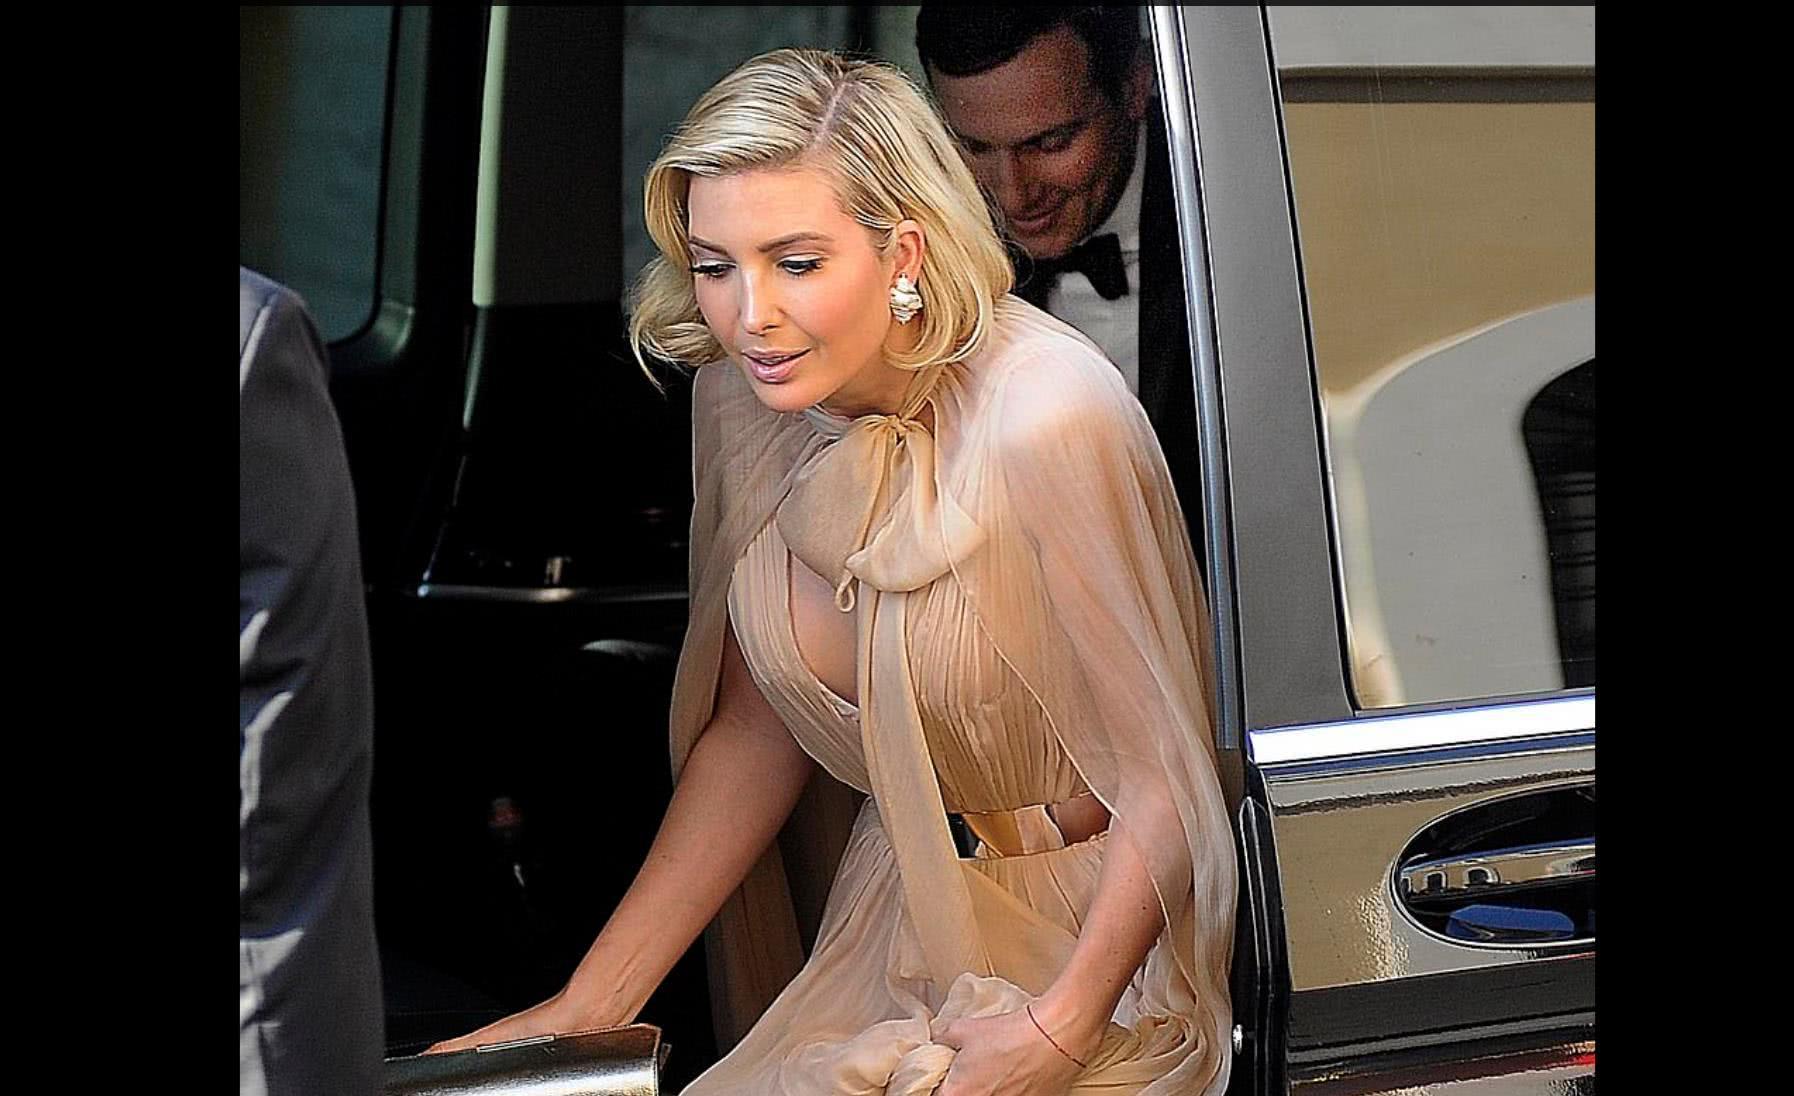 伊万卡身着淡桃色及地长裙参加婚礼,太美、犹如好莱坞影星